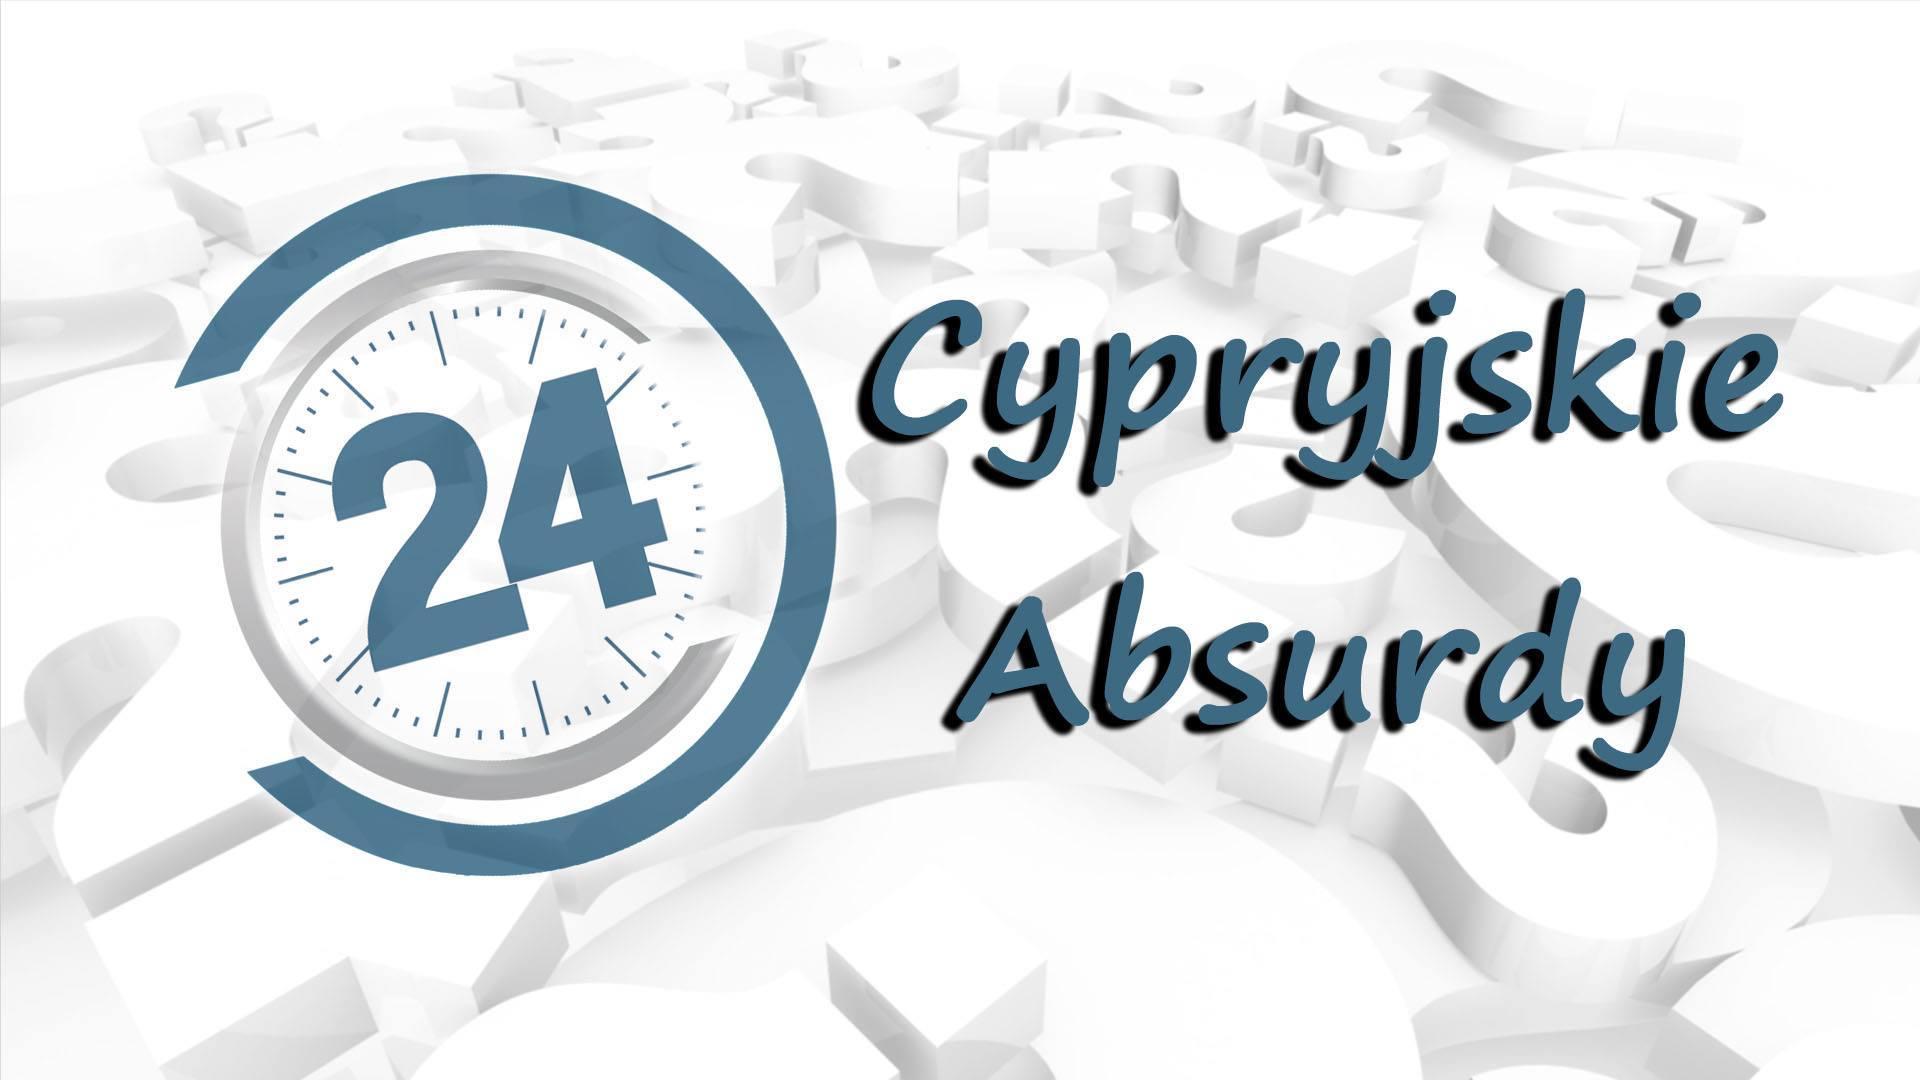 Cypryjskie Absurdy